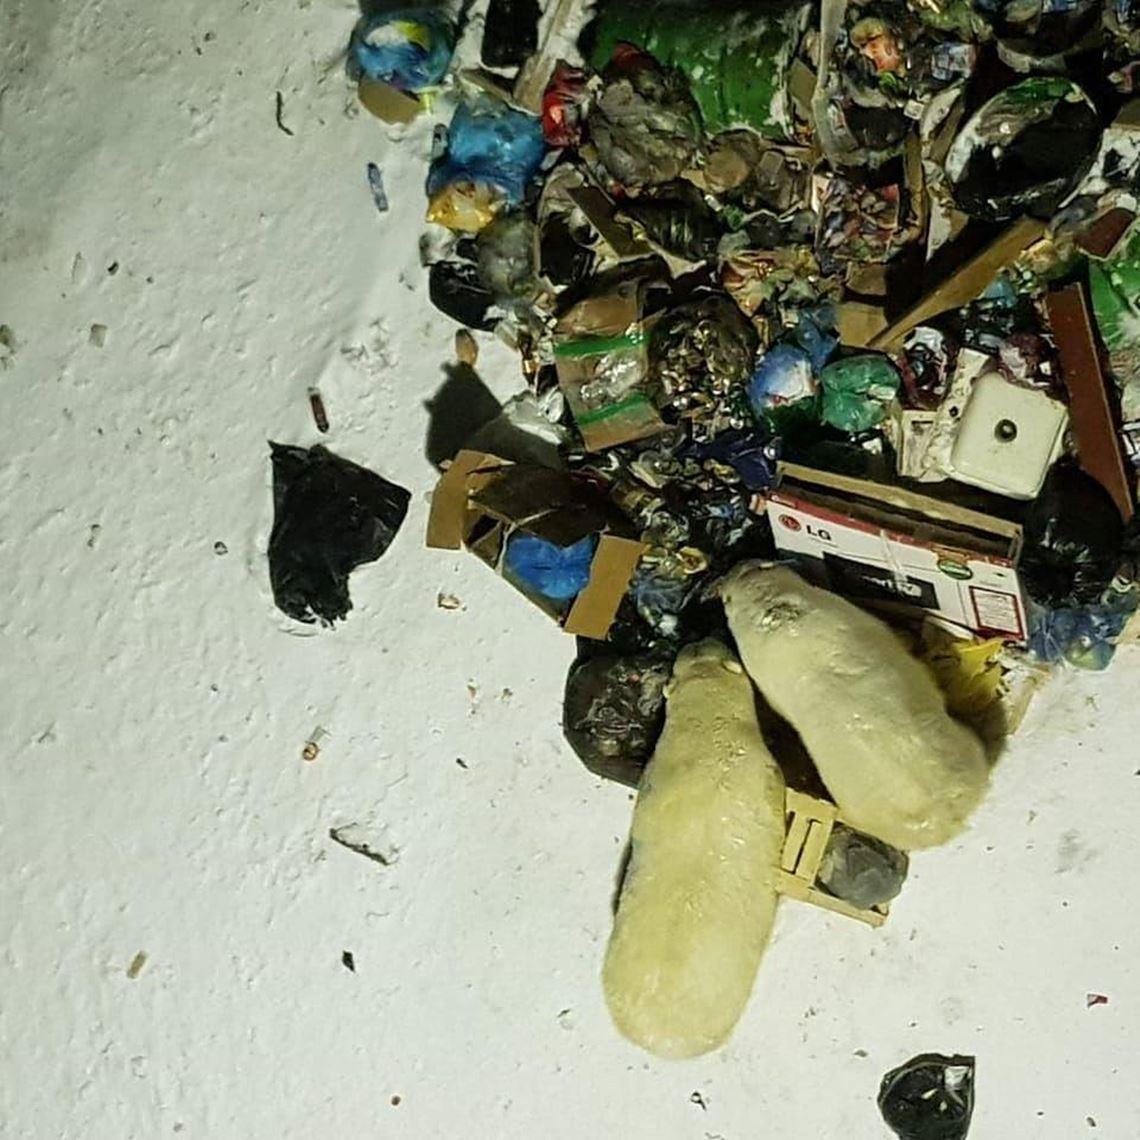 在各種目擊影片中,民眾也發現了熊群在垃圾山裡打滾、翻找廚餘的難過畫面。 圖/居民...